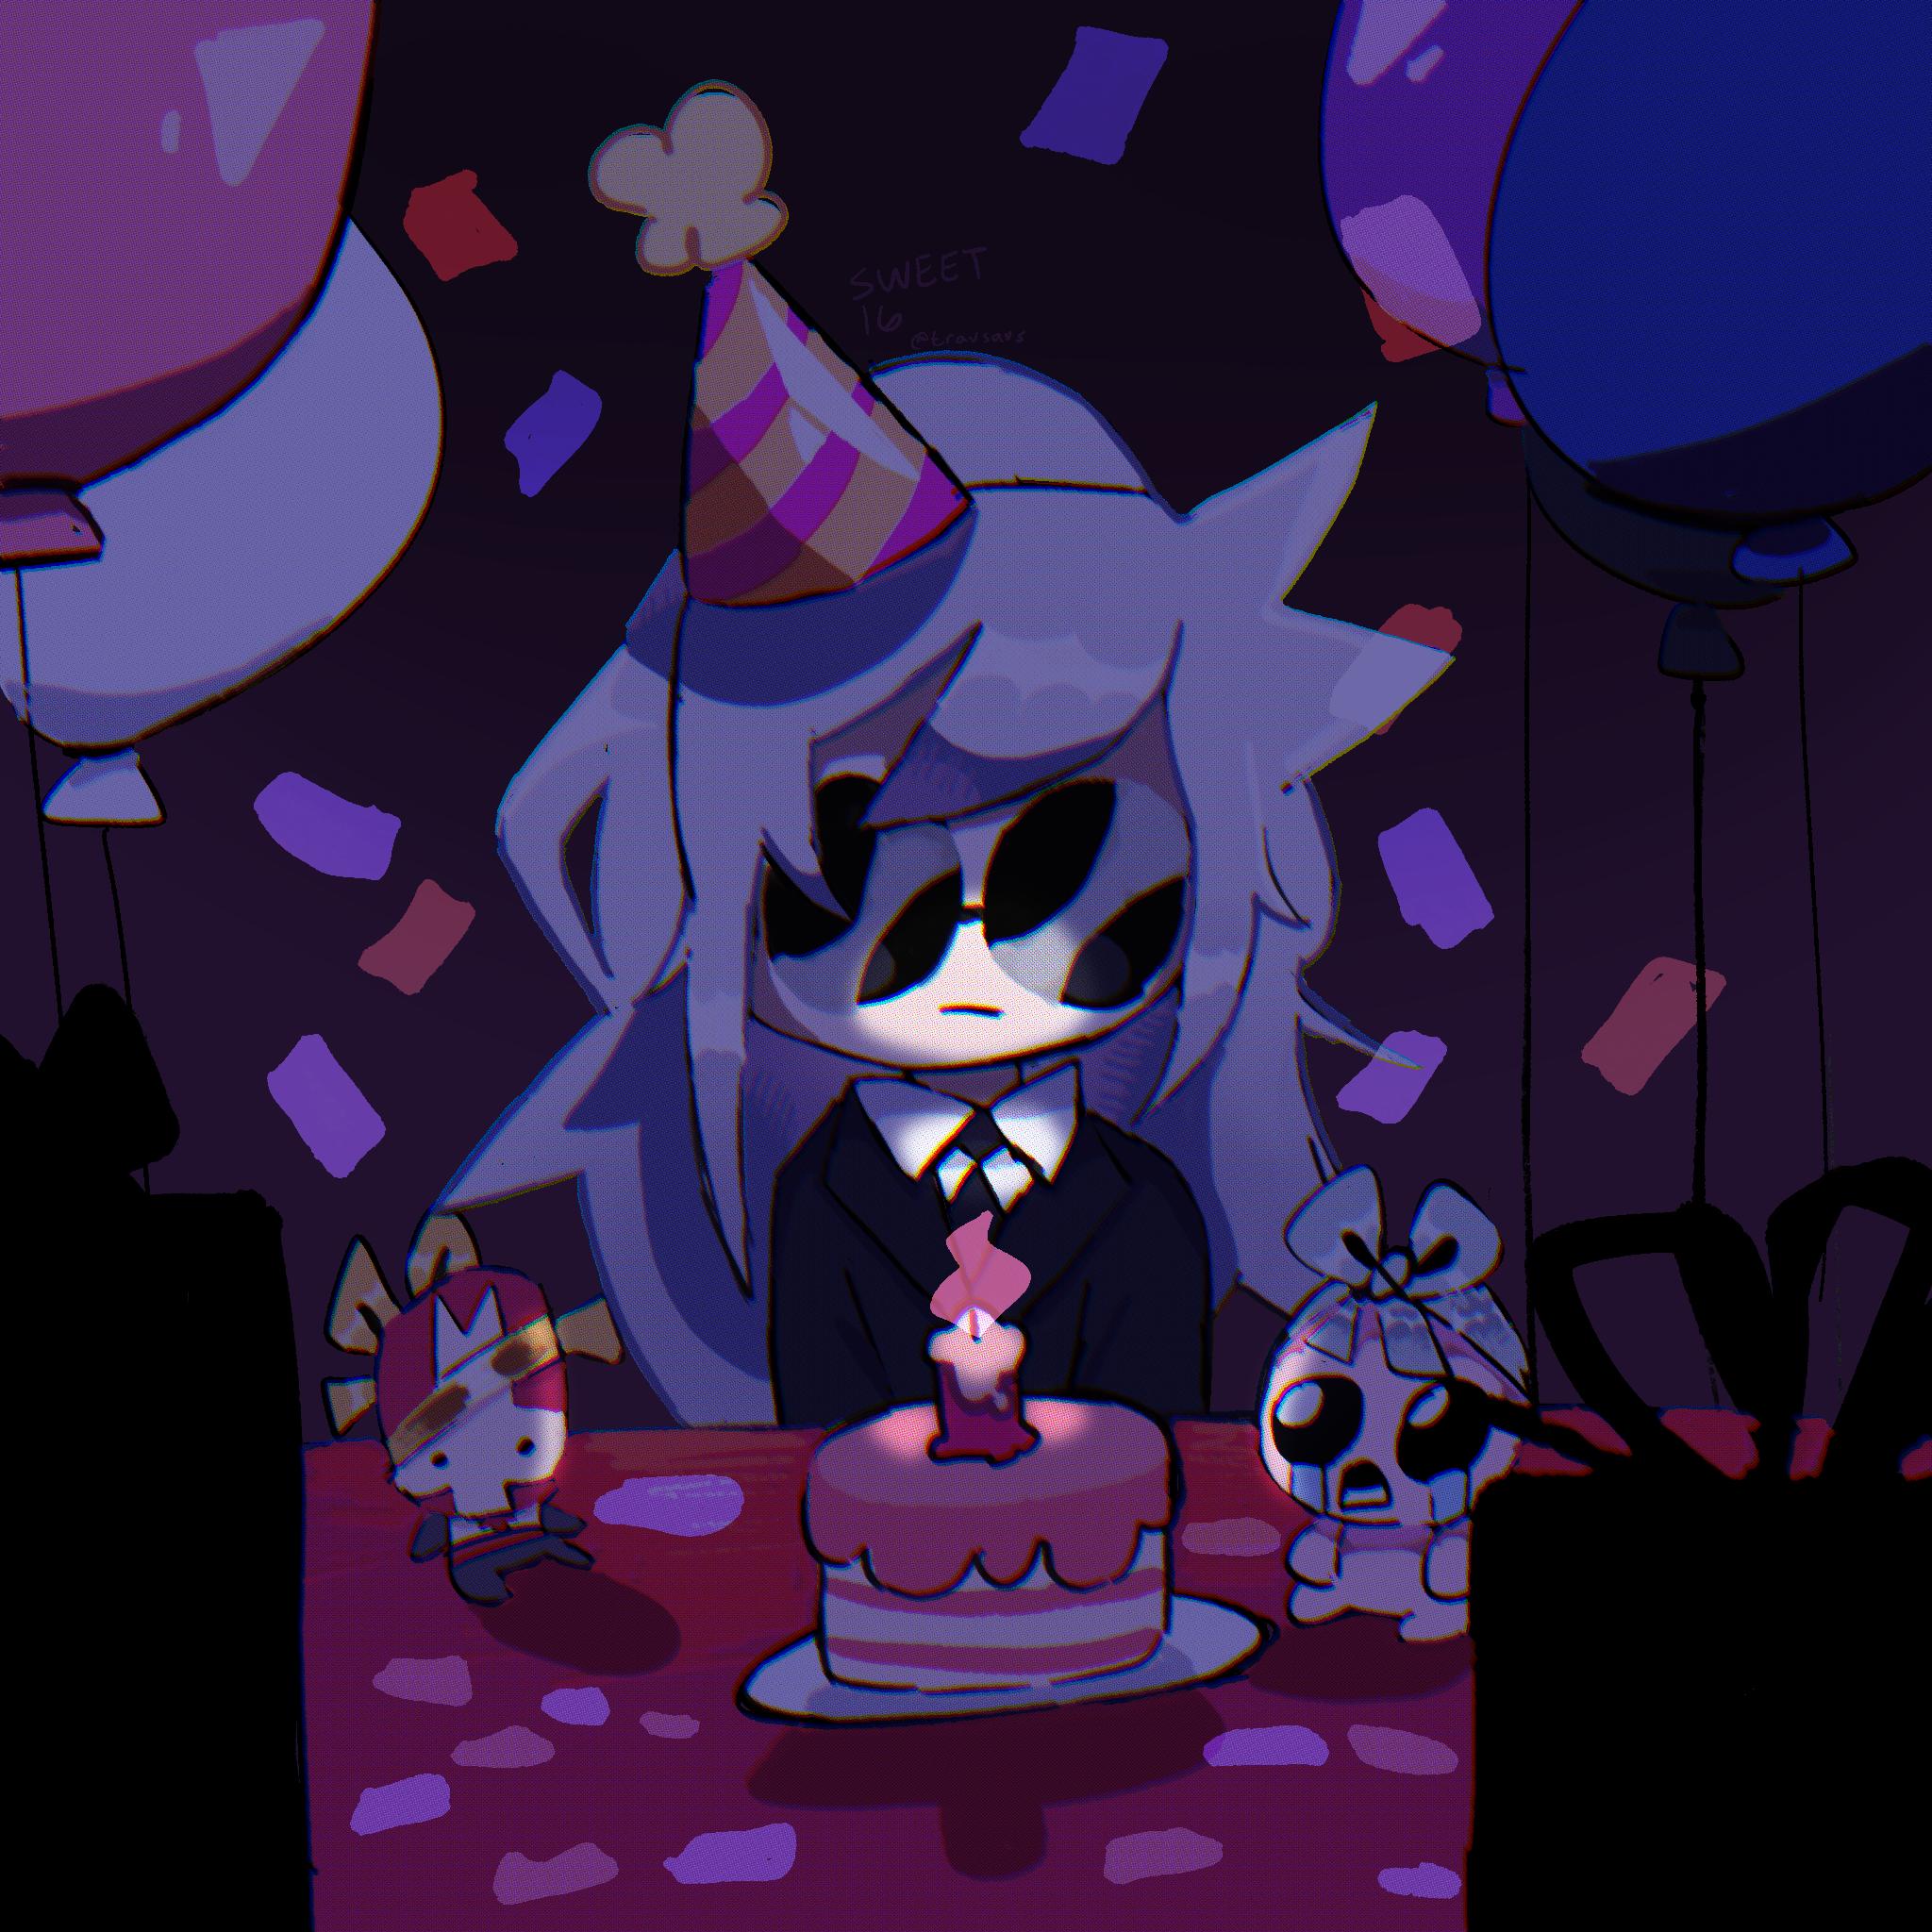 the birthday guy